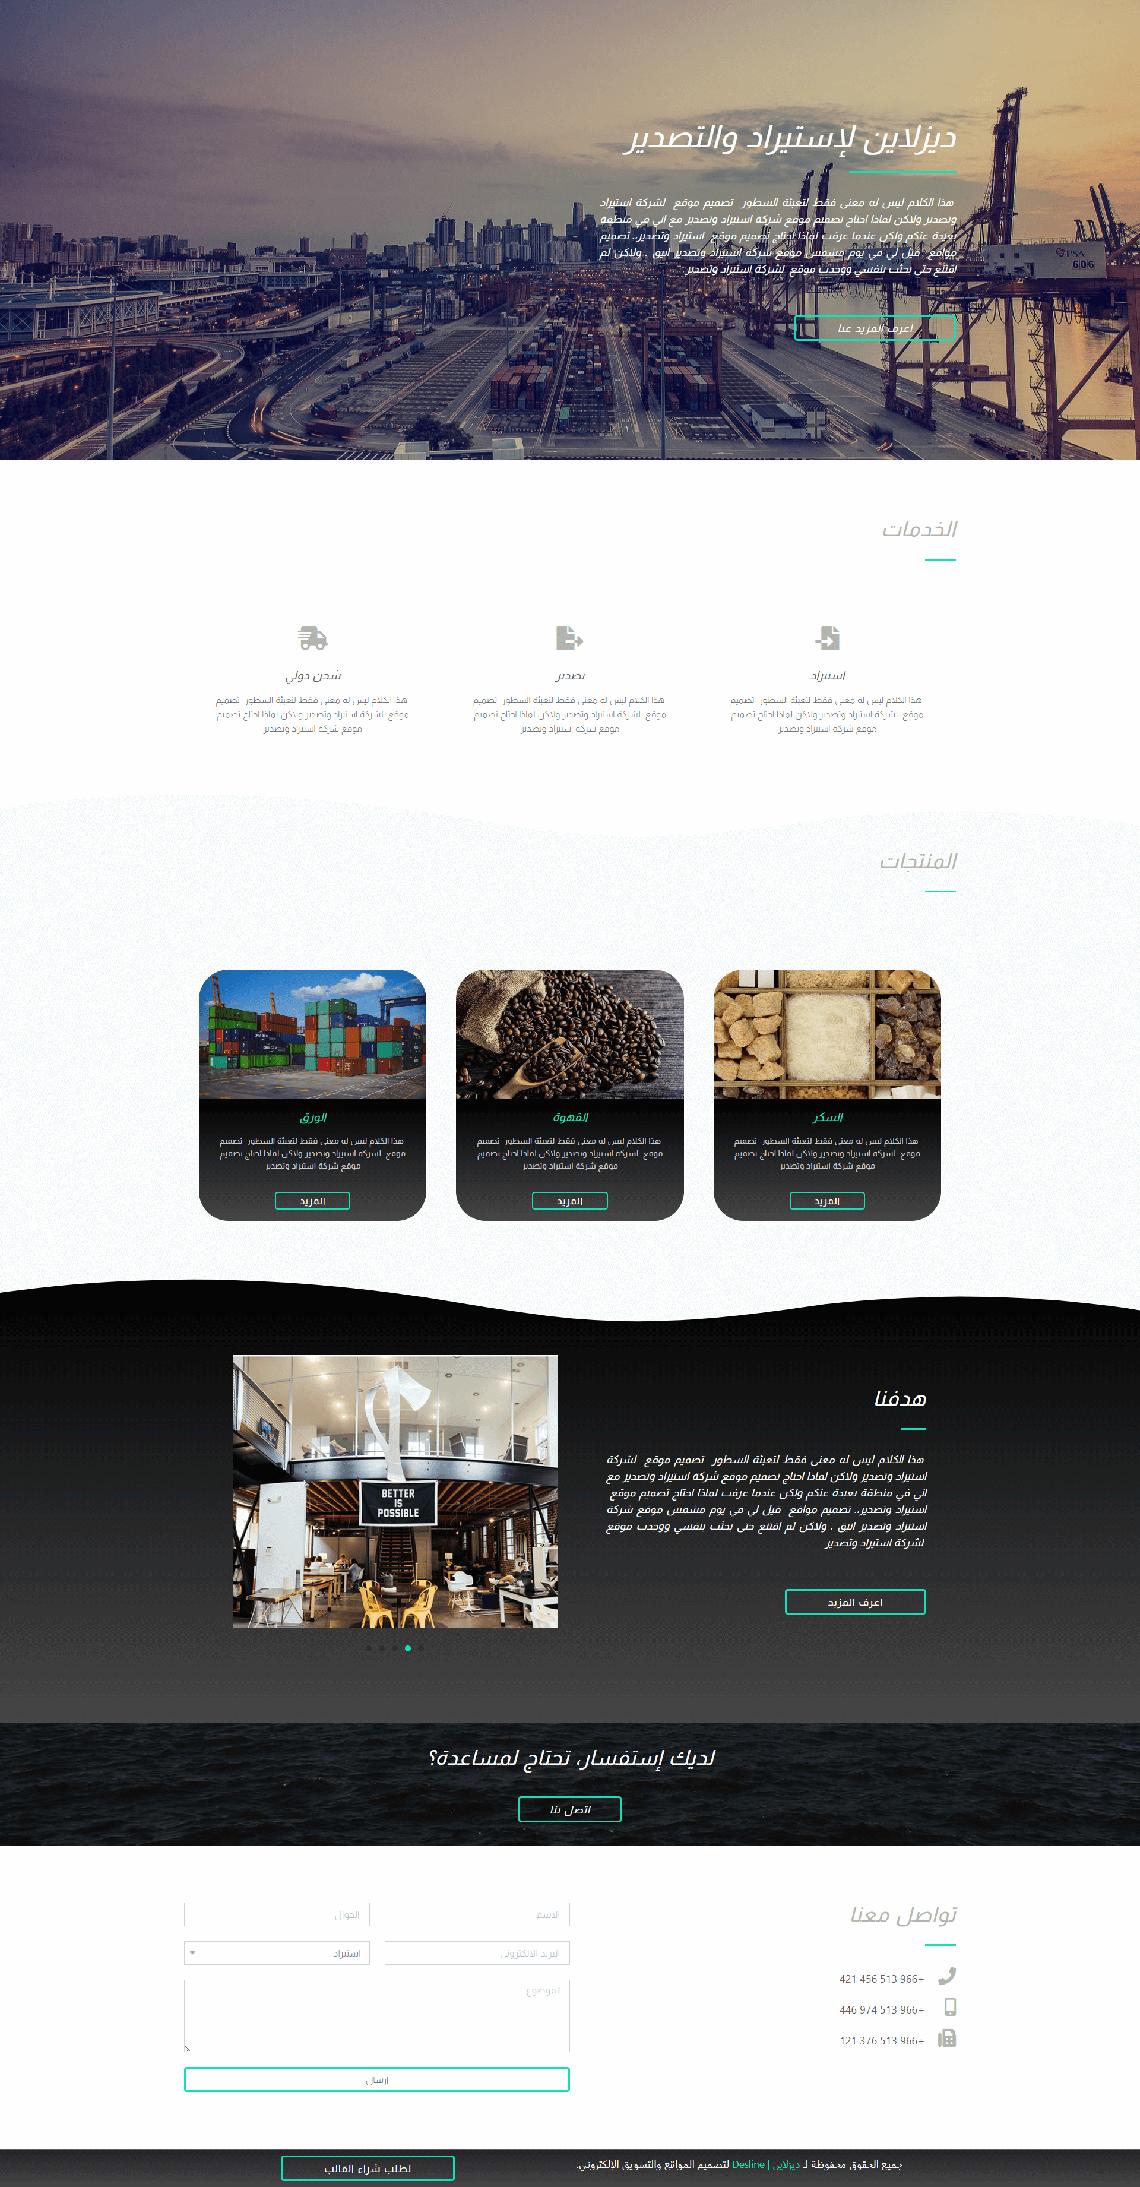 نموذج تصميم موقع لشركة استيراد وتصدير